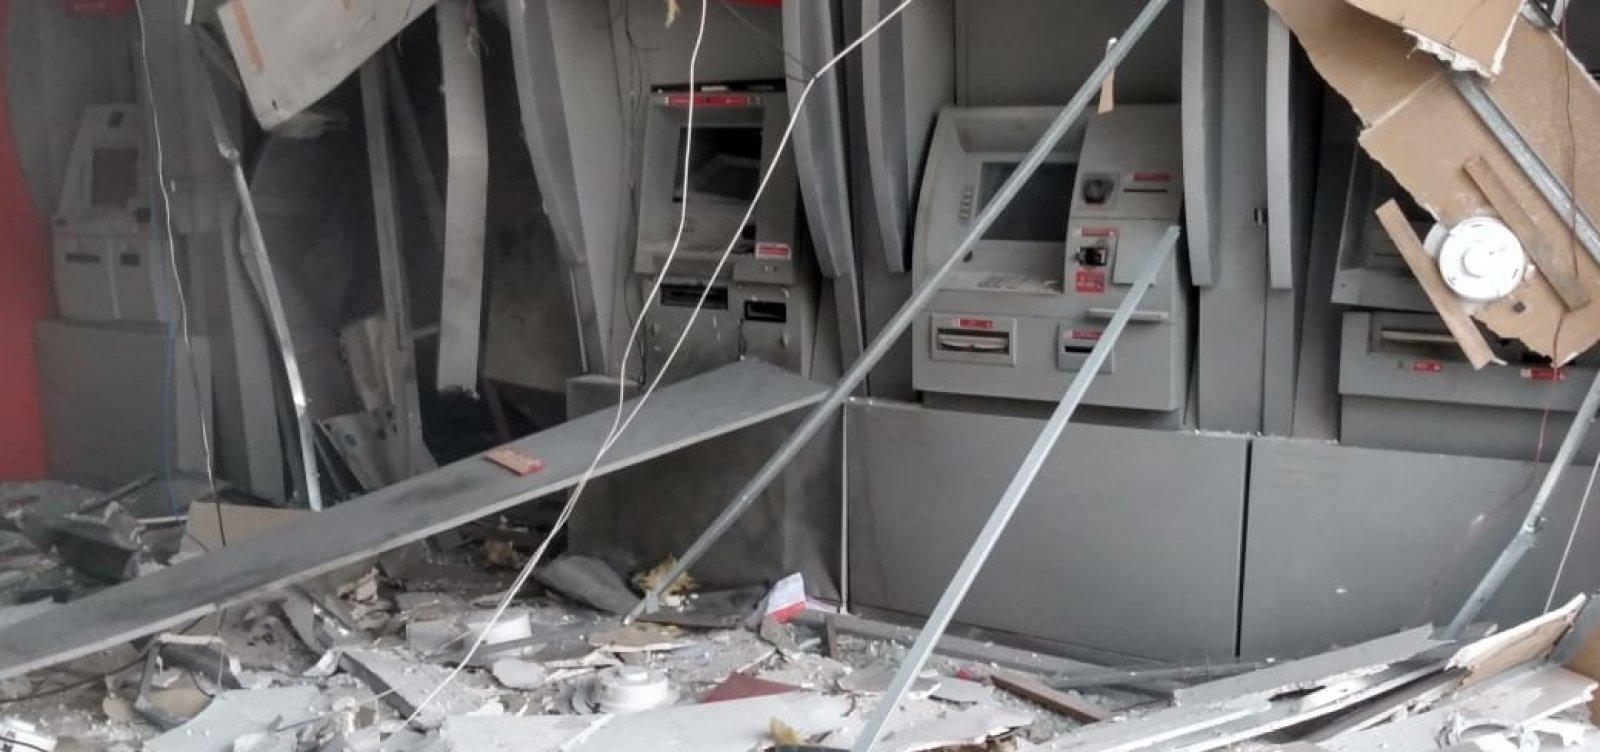 [Grupo armado explode agência bancária no Cabula para furtar caixa eletrônico]